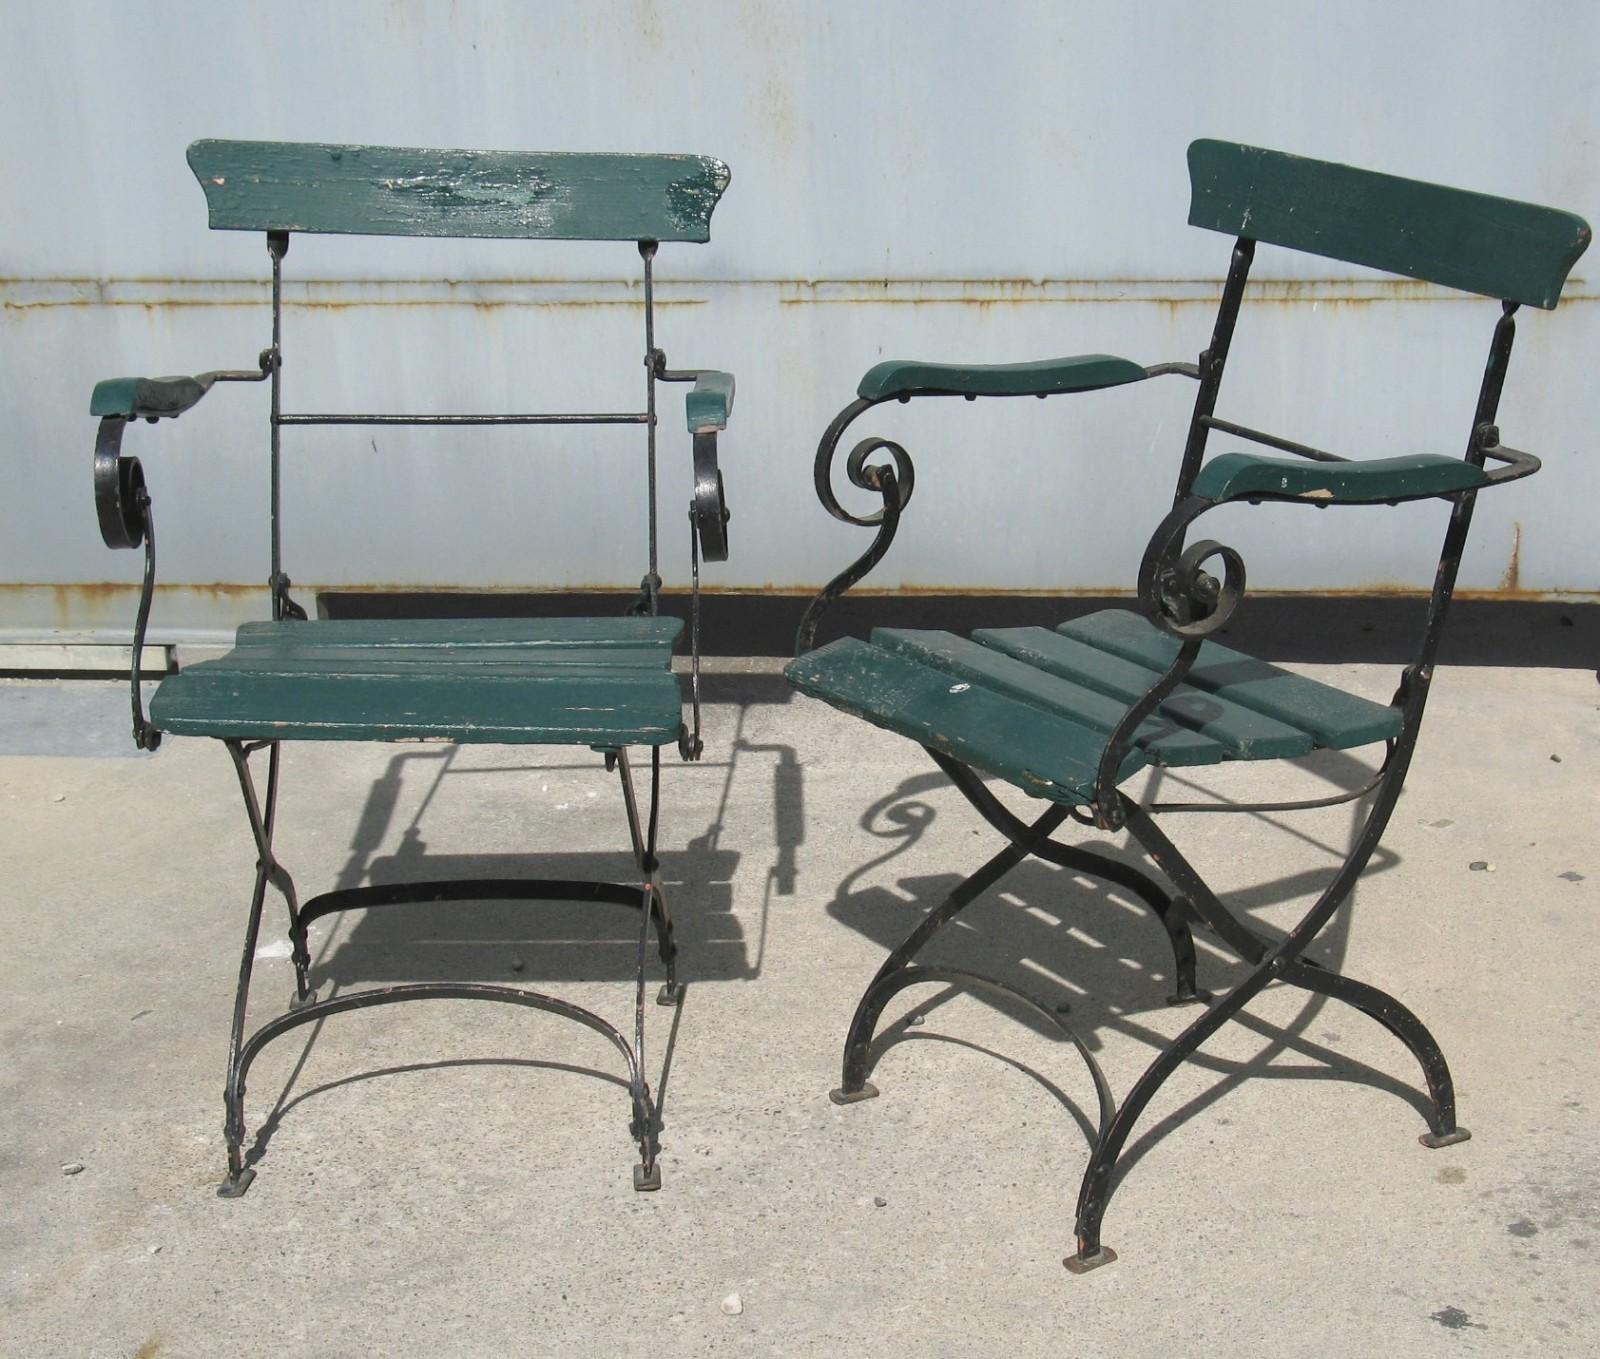 chaise pliante en teck img original deux fauteuils jardin pour enfant fer forge noir bois peint vert epoque eme siecle et aussi idées de design